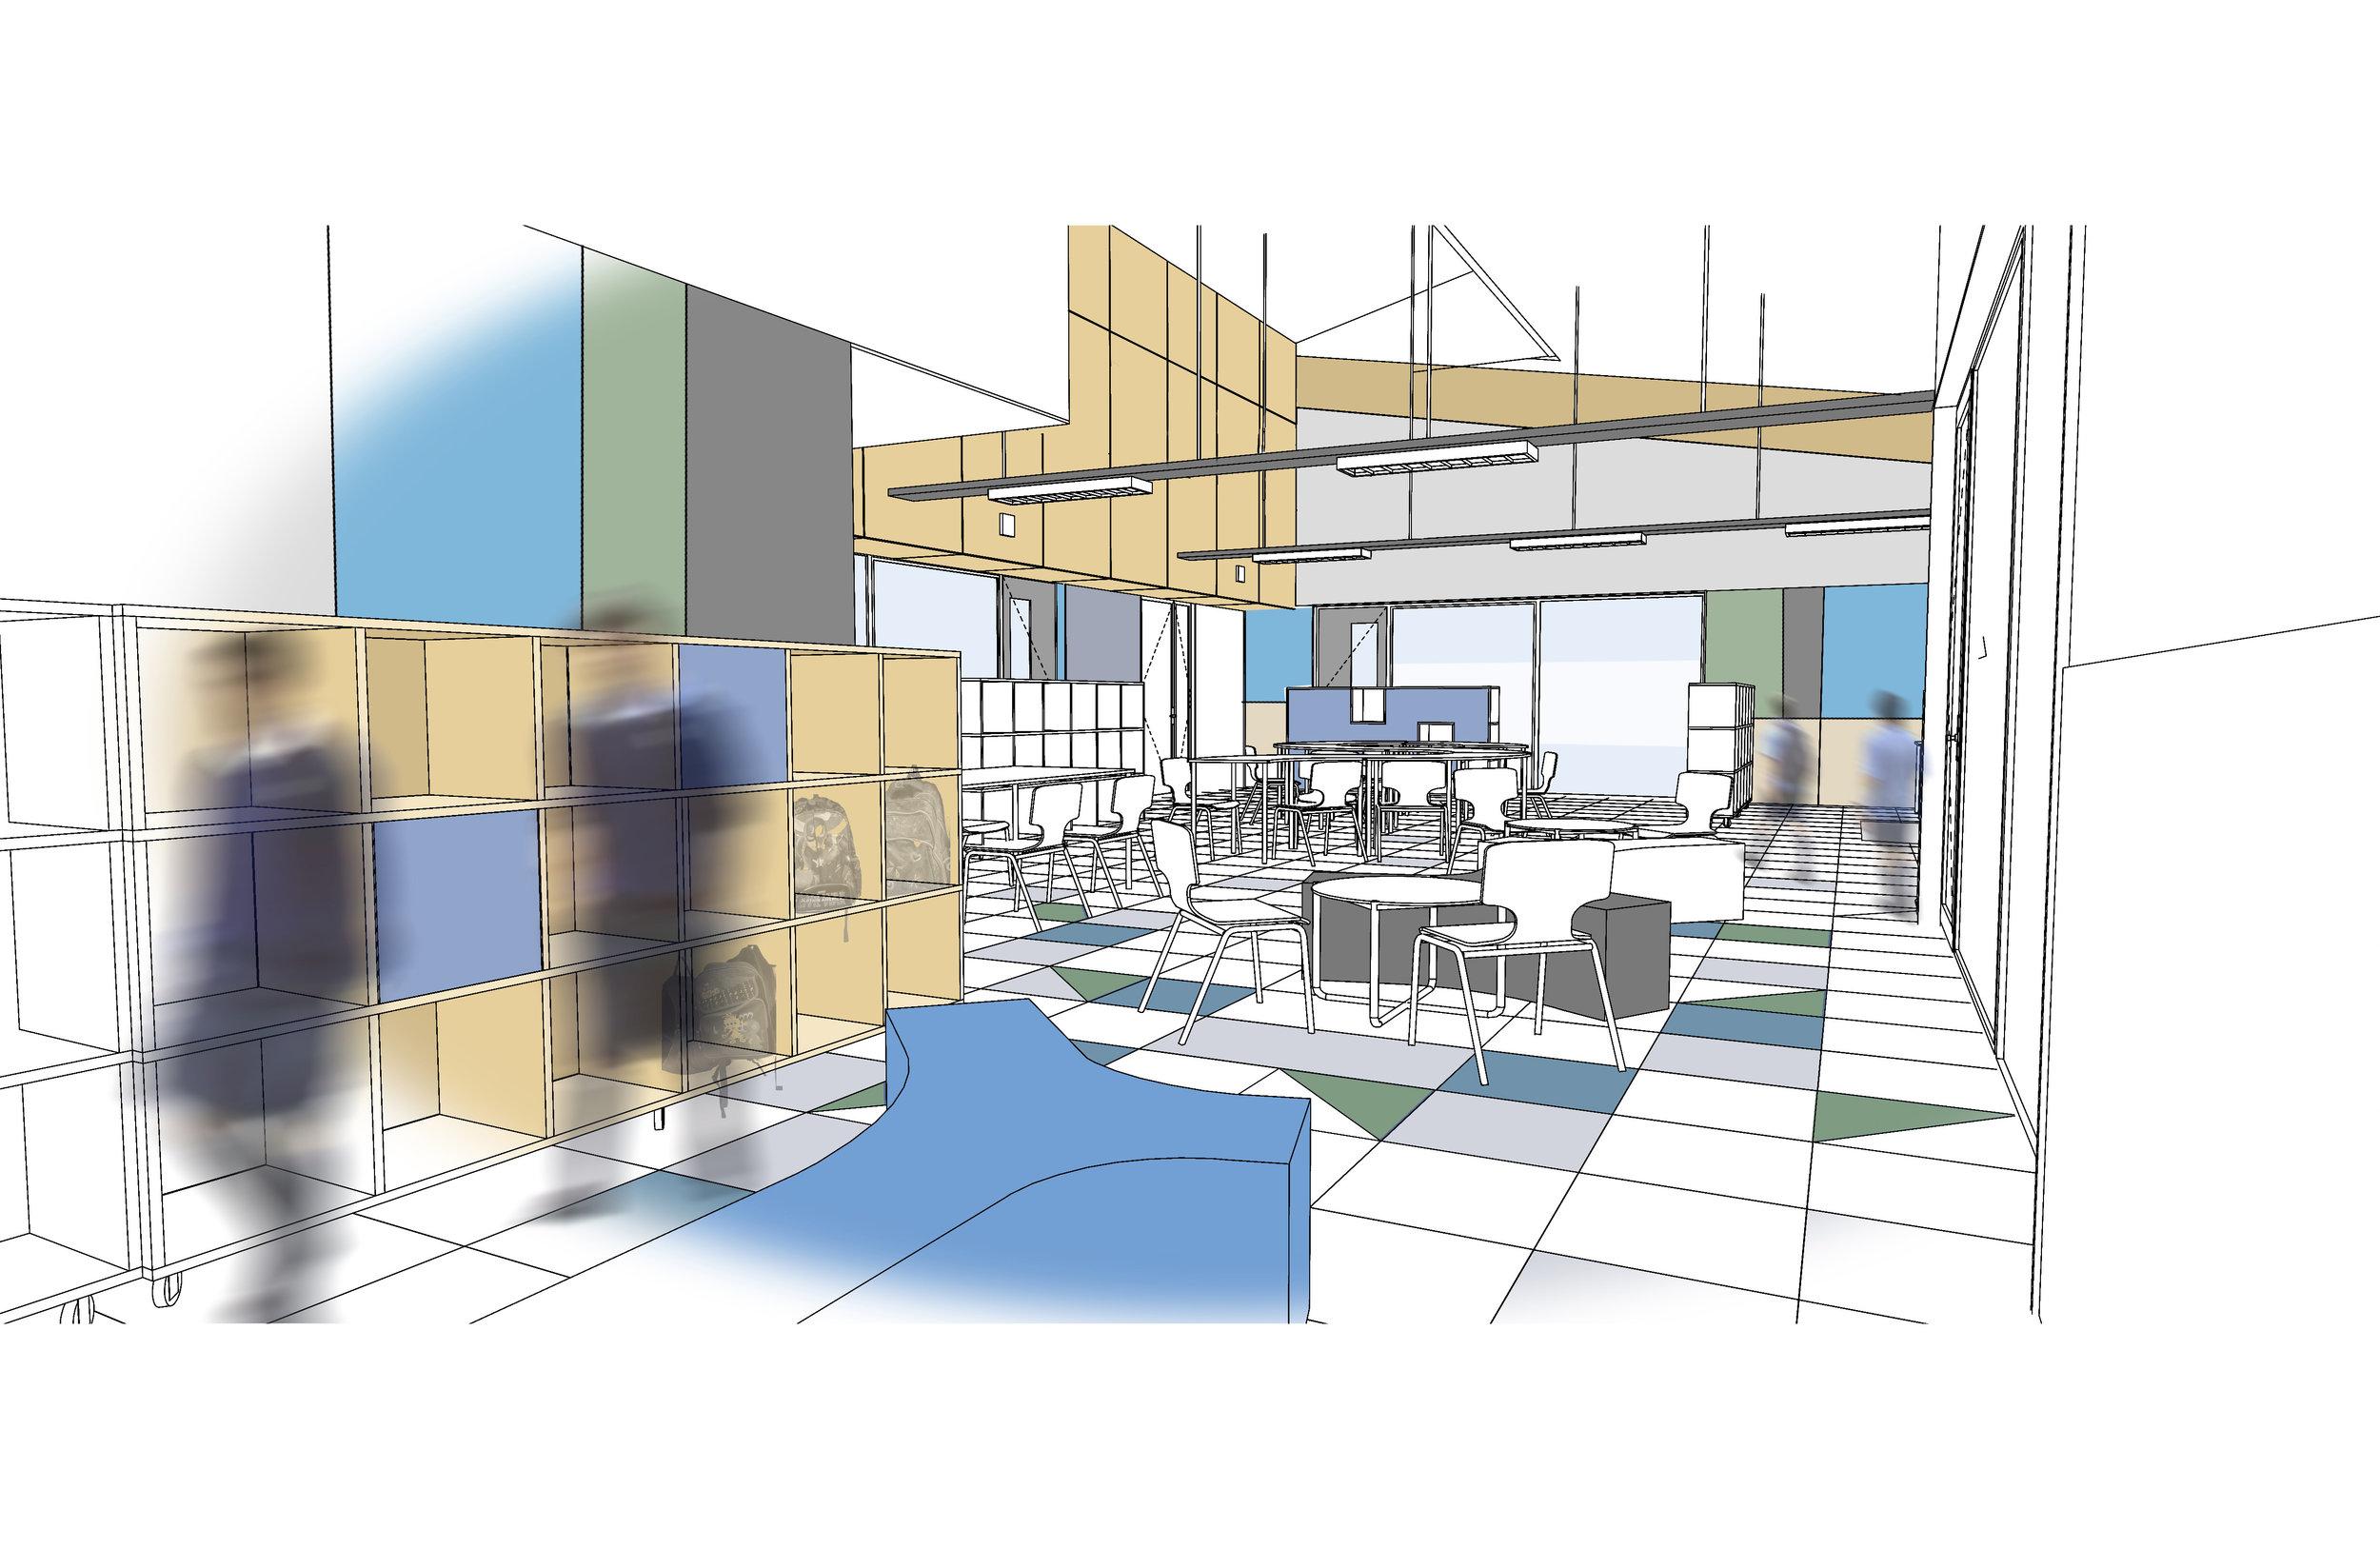 ophii interior wirefrasmes 1 update A.jpg